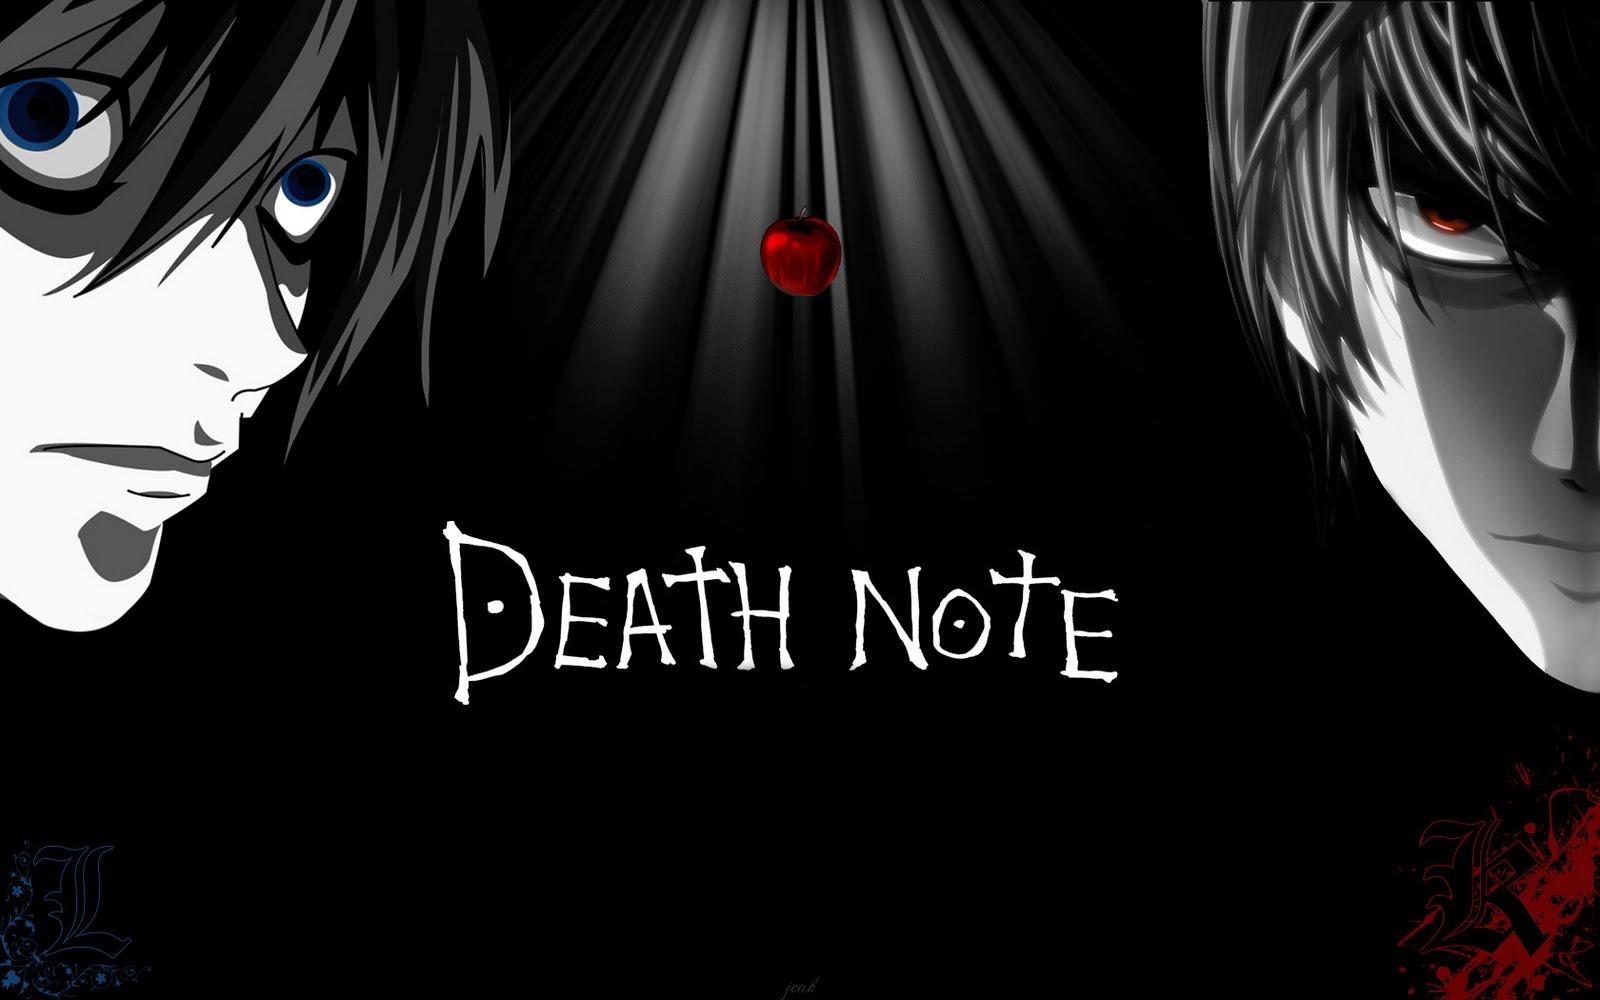 http://2.bp.blogspot.com/-iq38HqP11ac/Tcs0k3DyhRI/AAAAAAAAAFI/M1OzzcnJKwA/s1600/Death_Note_Wallpaper_by_jeakiller.jpg